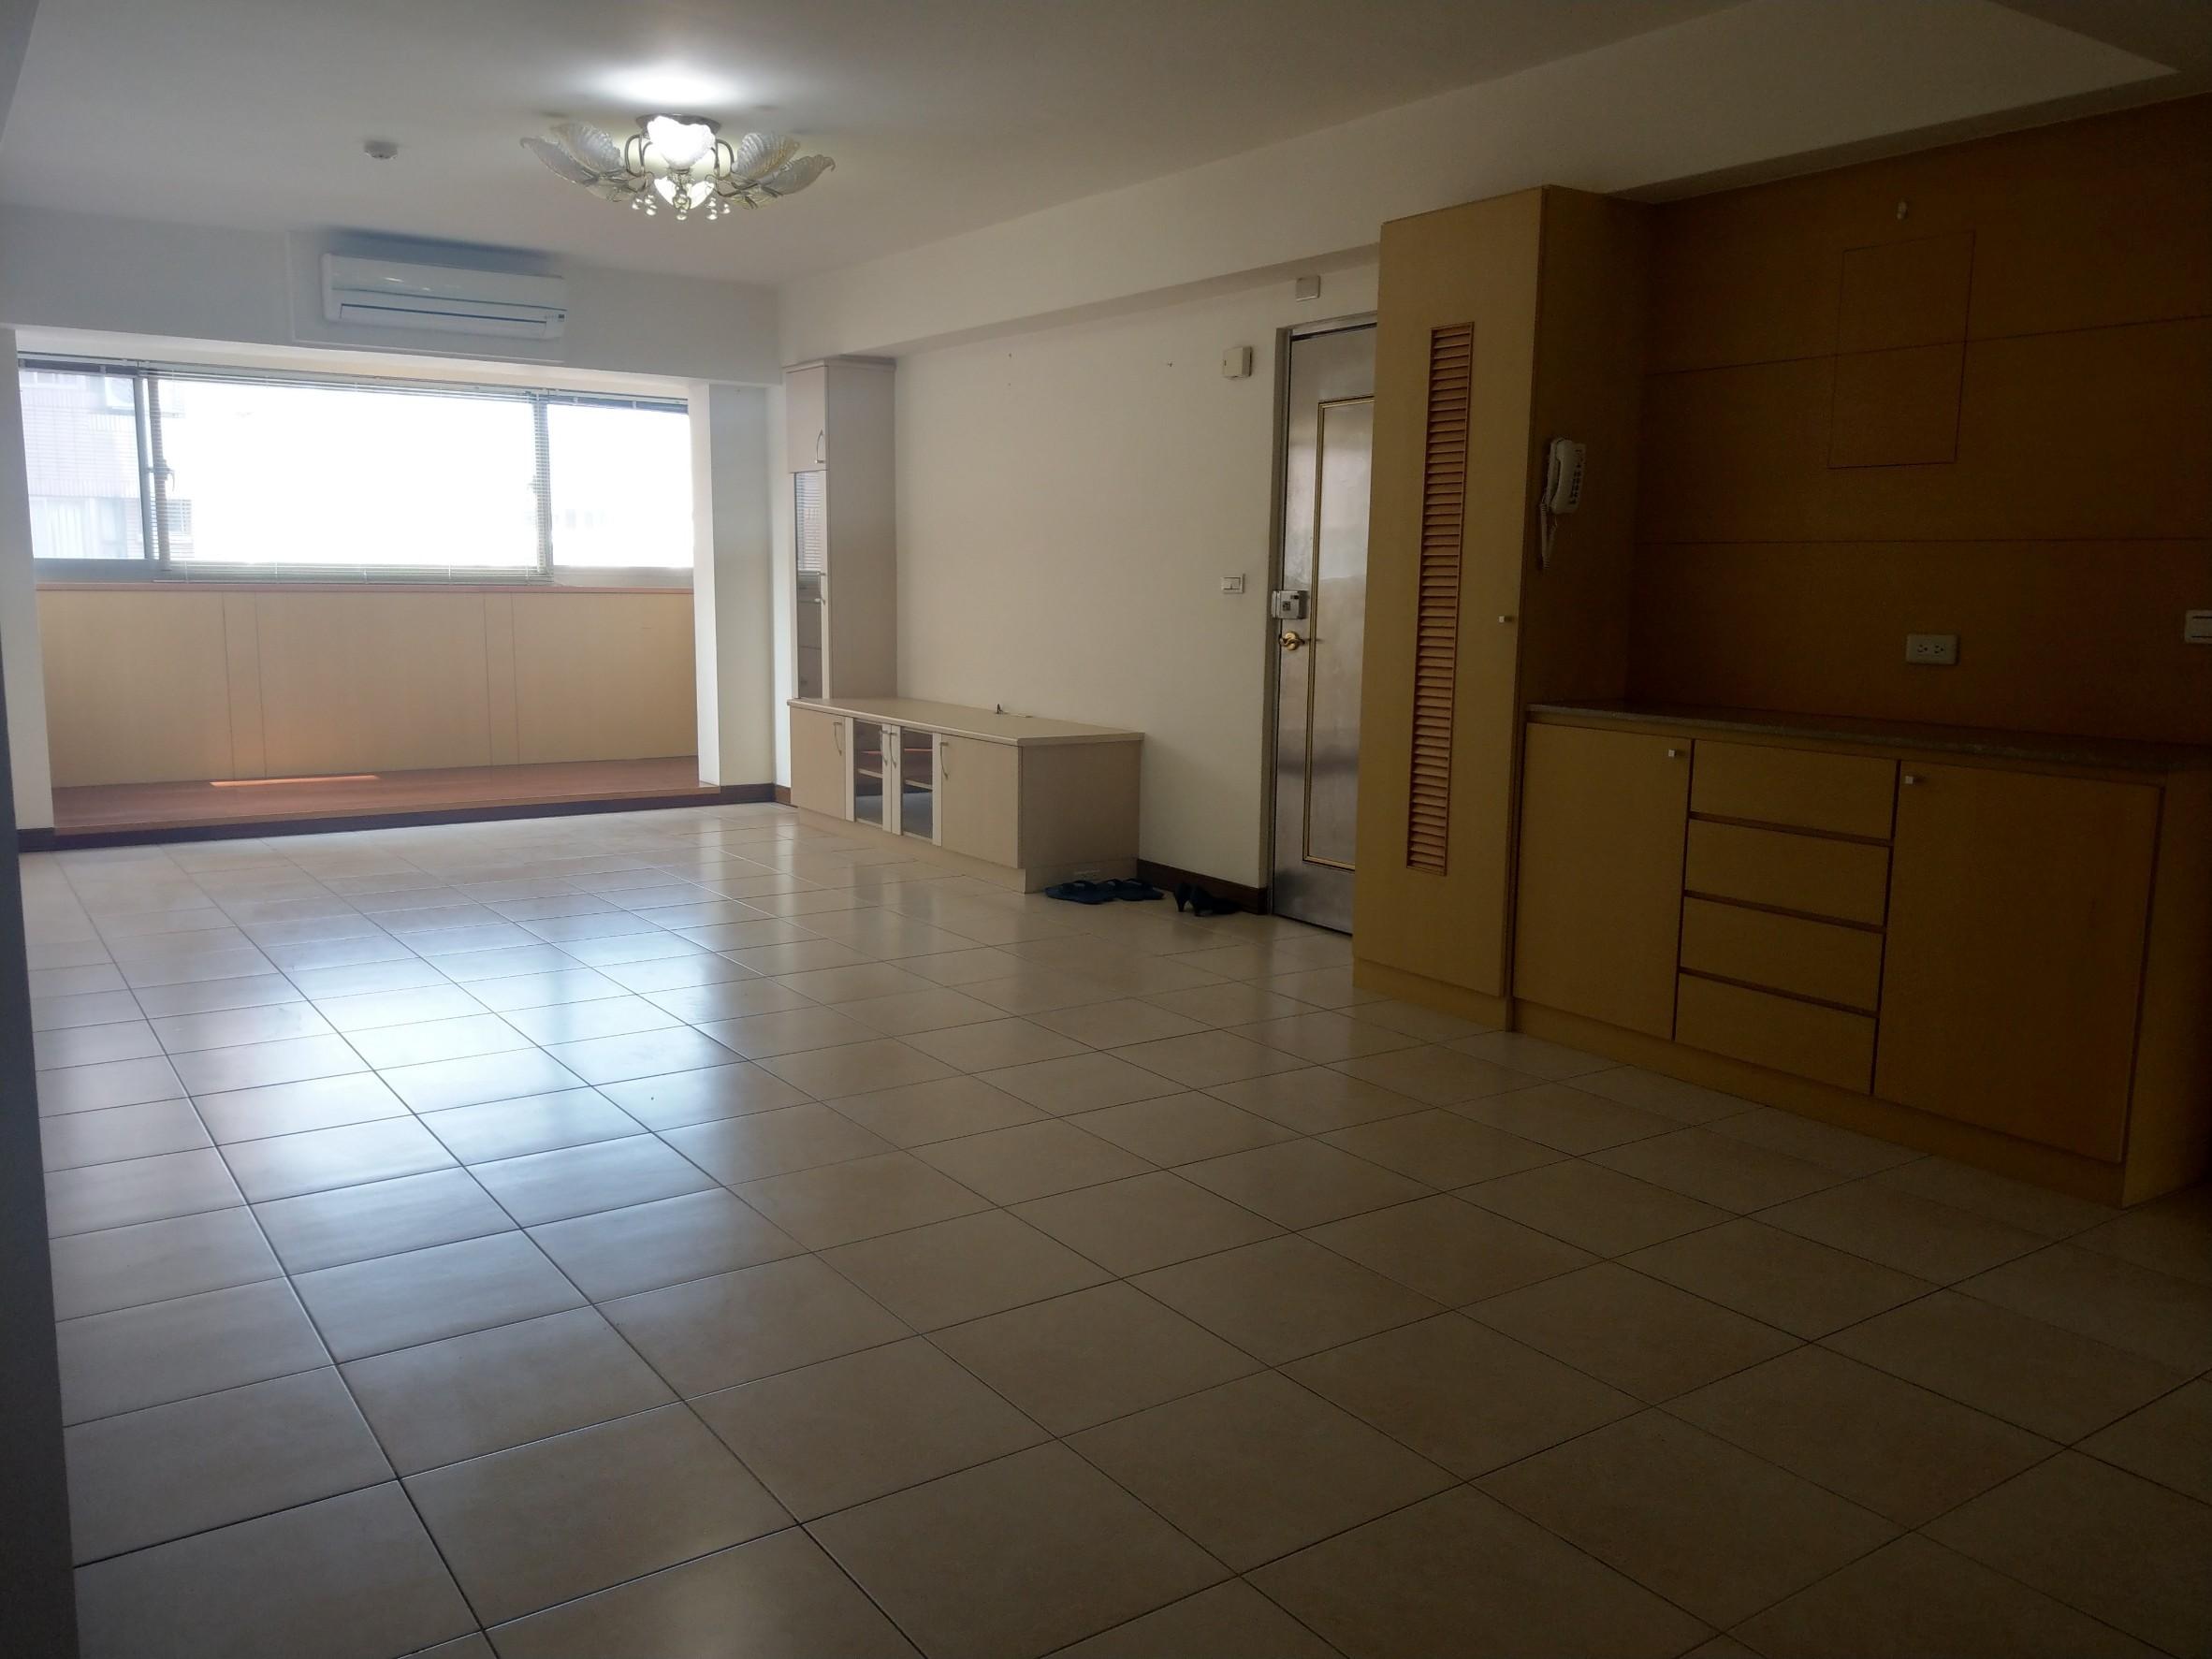 新竹房屋買賣~附小學區~大遠百旁~室內36坪大三房+車位 售1350萬